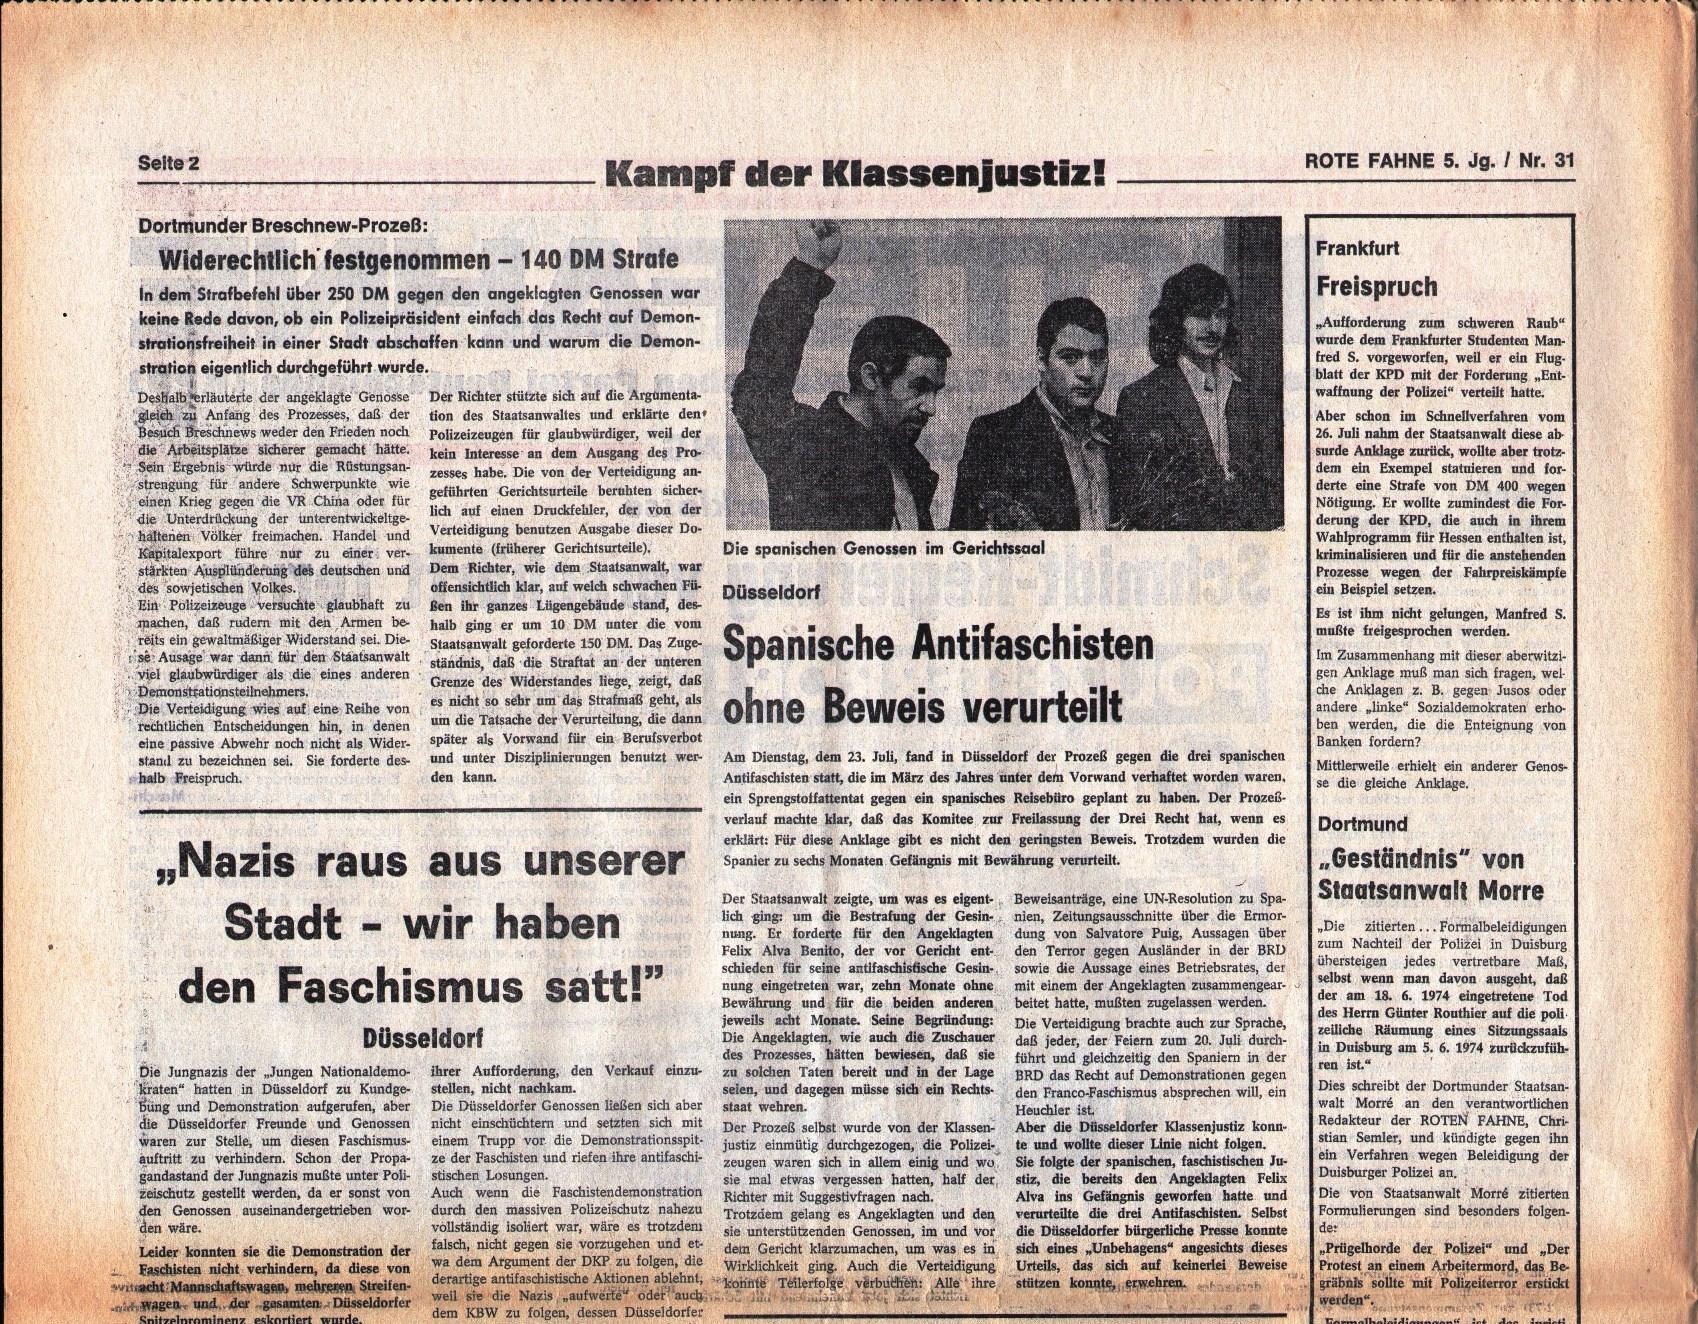 KPD_Rote_Fahne_1974_31_03